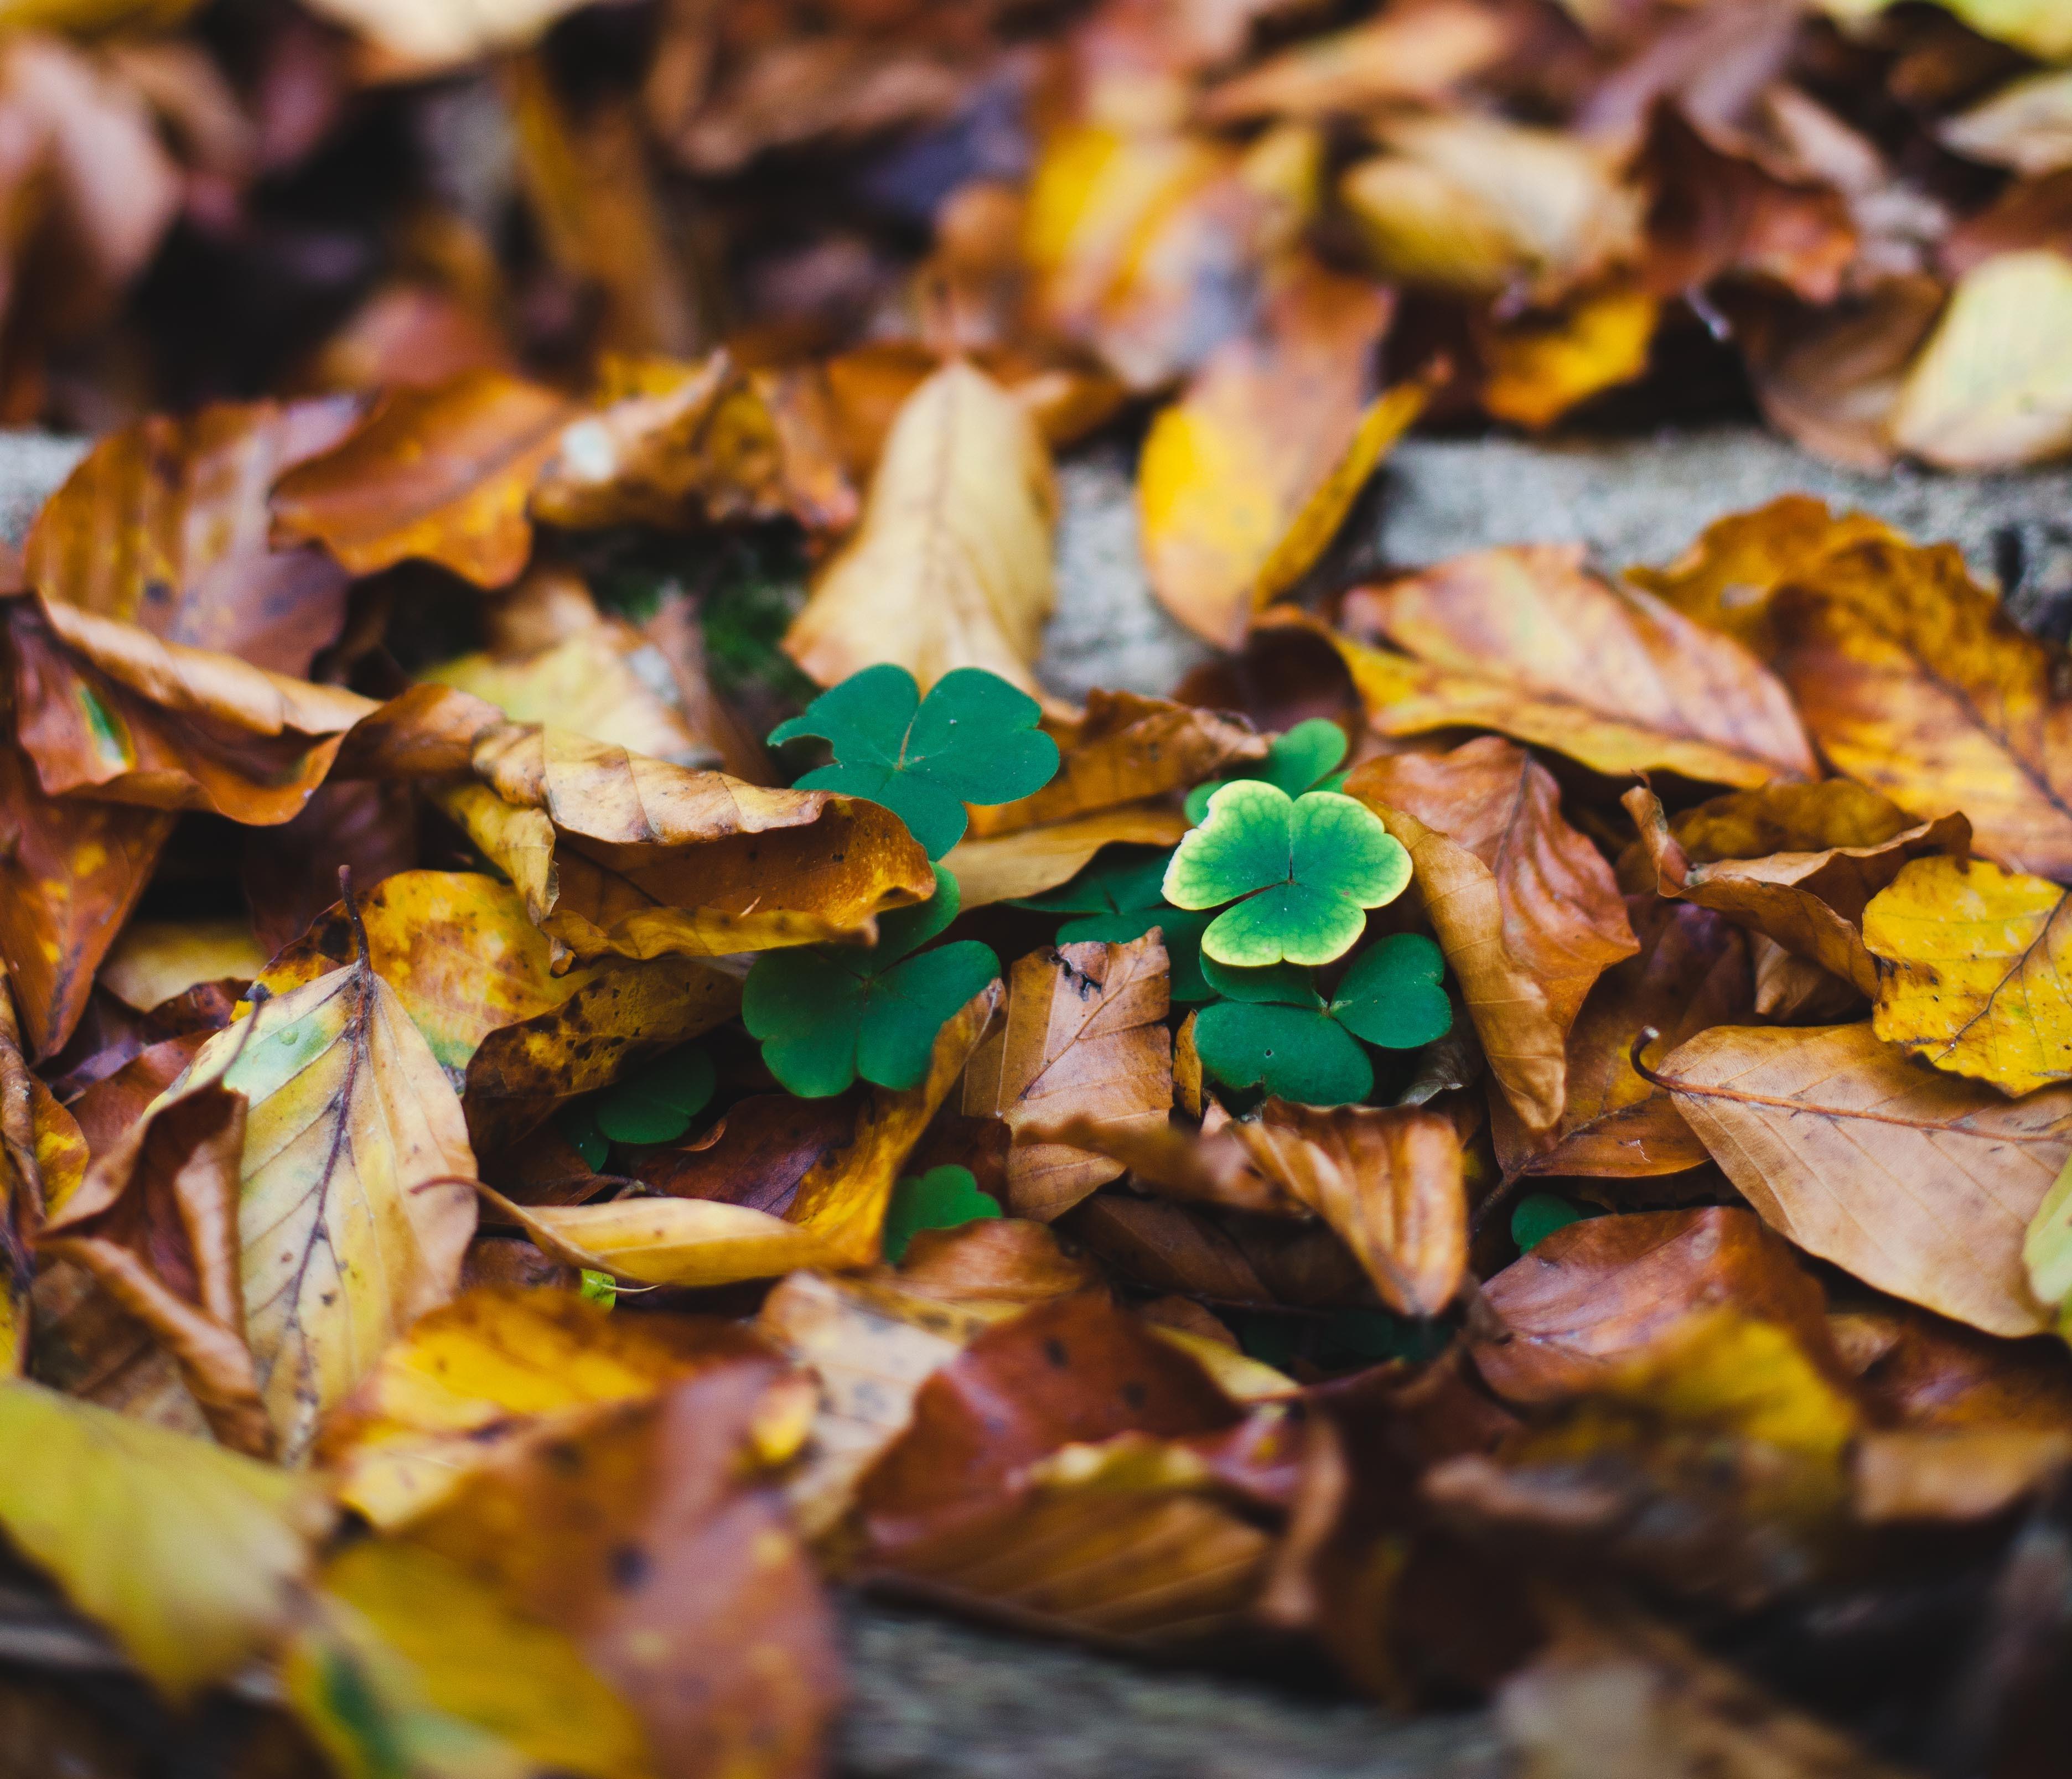 Herbst: Zeit für einen Spaziergang im Wald